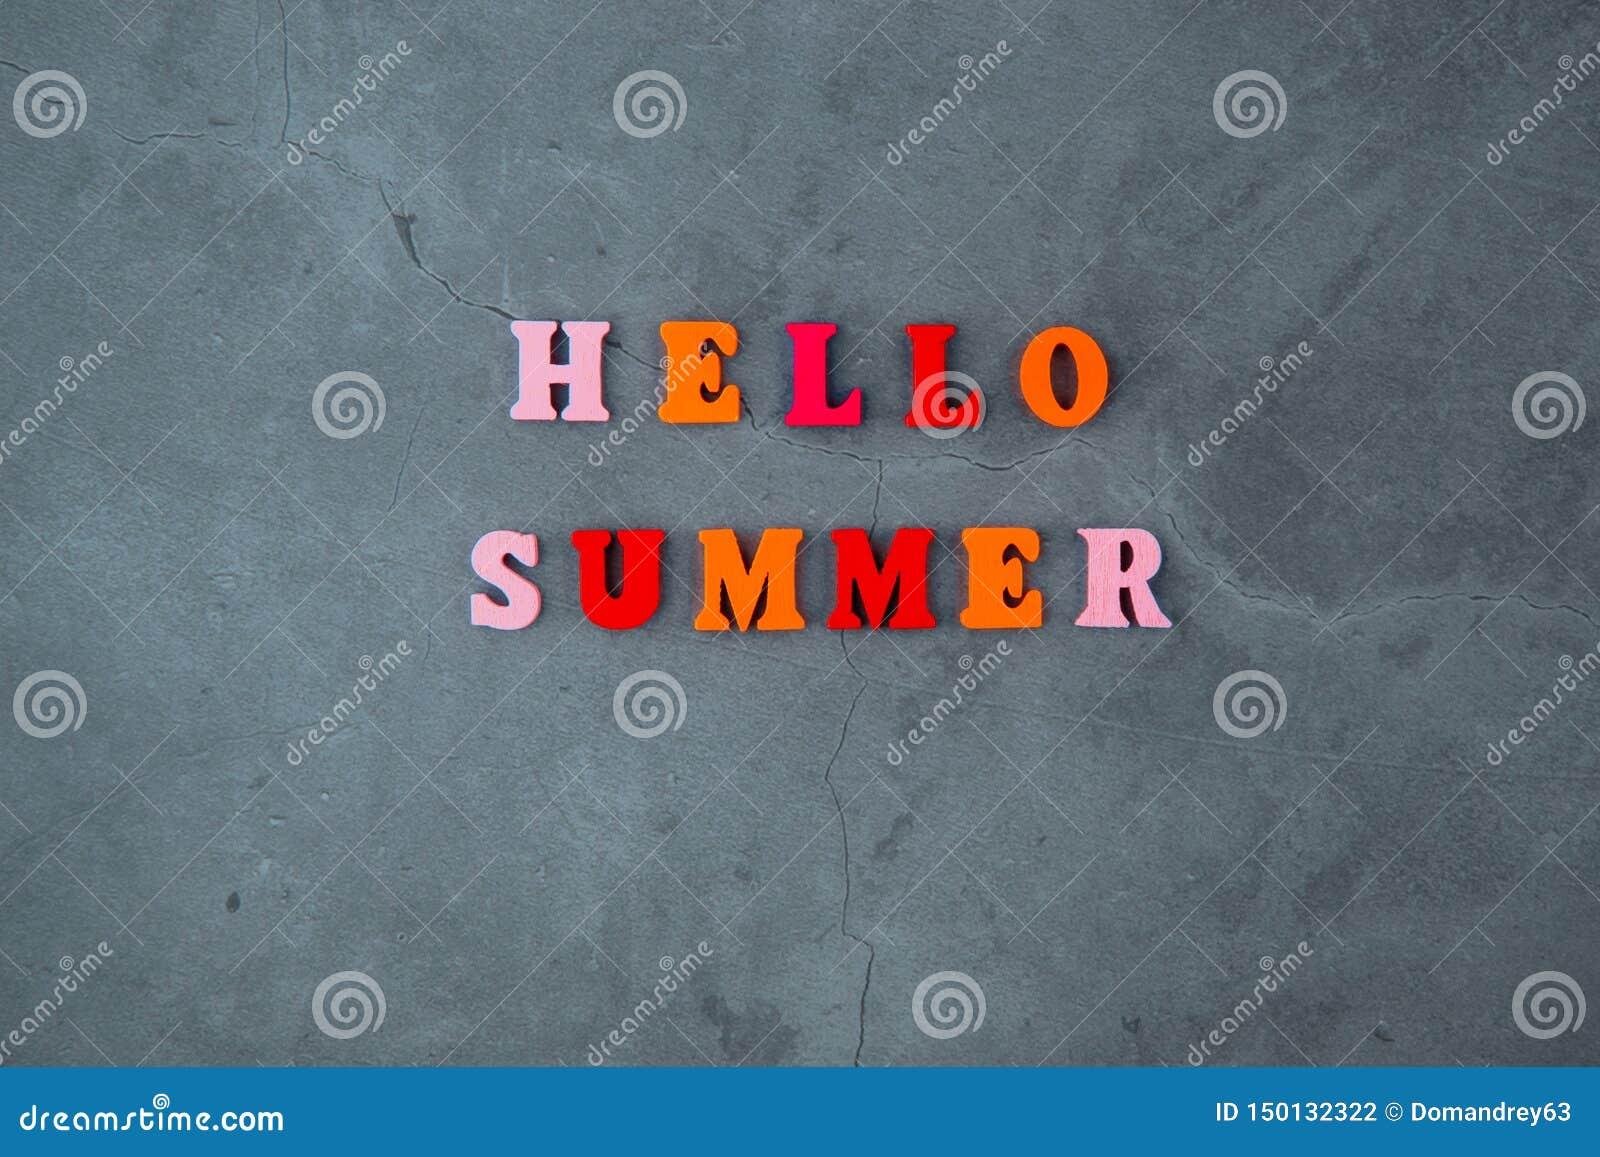 多彩多姿的你好夏天词由木信件做成在灰色涂灰泥的墙壁背景